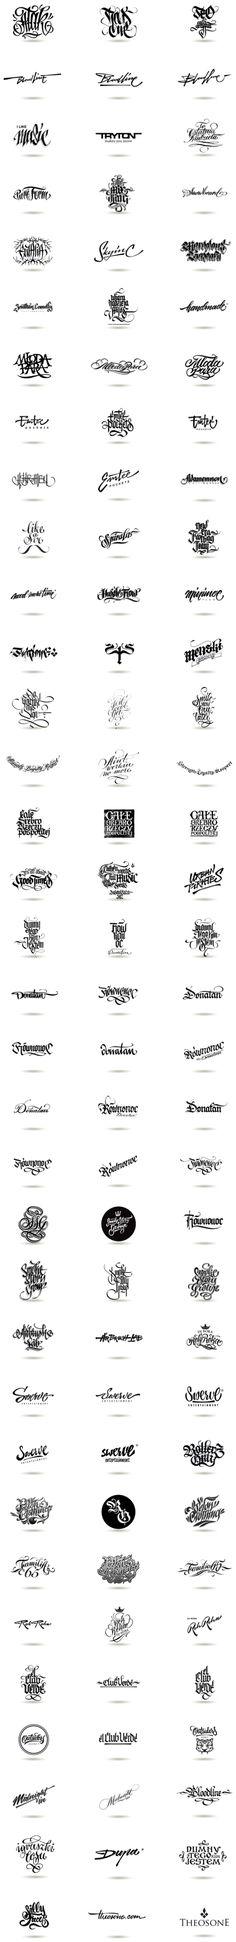 TheosOne Logopack